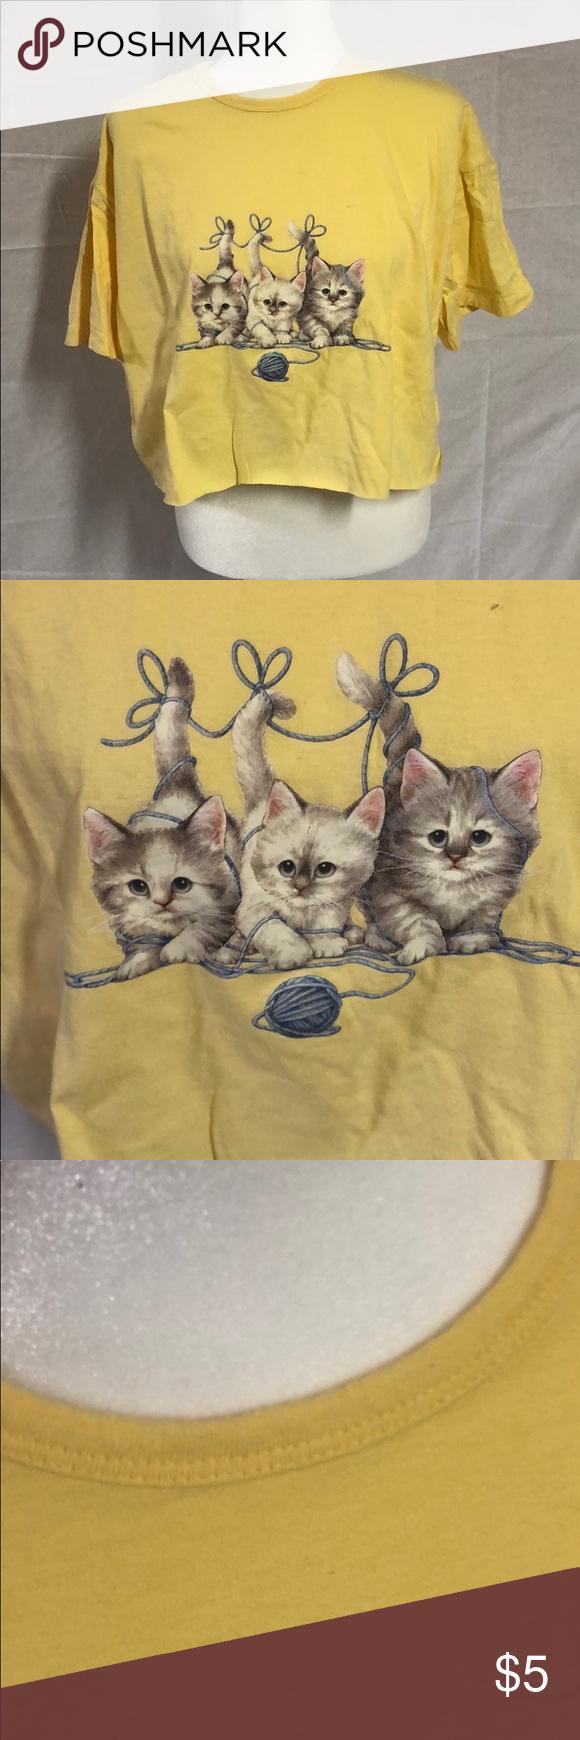 Vintage Kitten Crop Top T Shirt Crop Top Vintage Crop Tops Clothes For Women